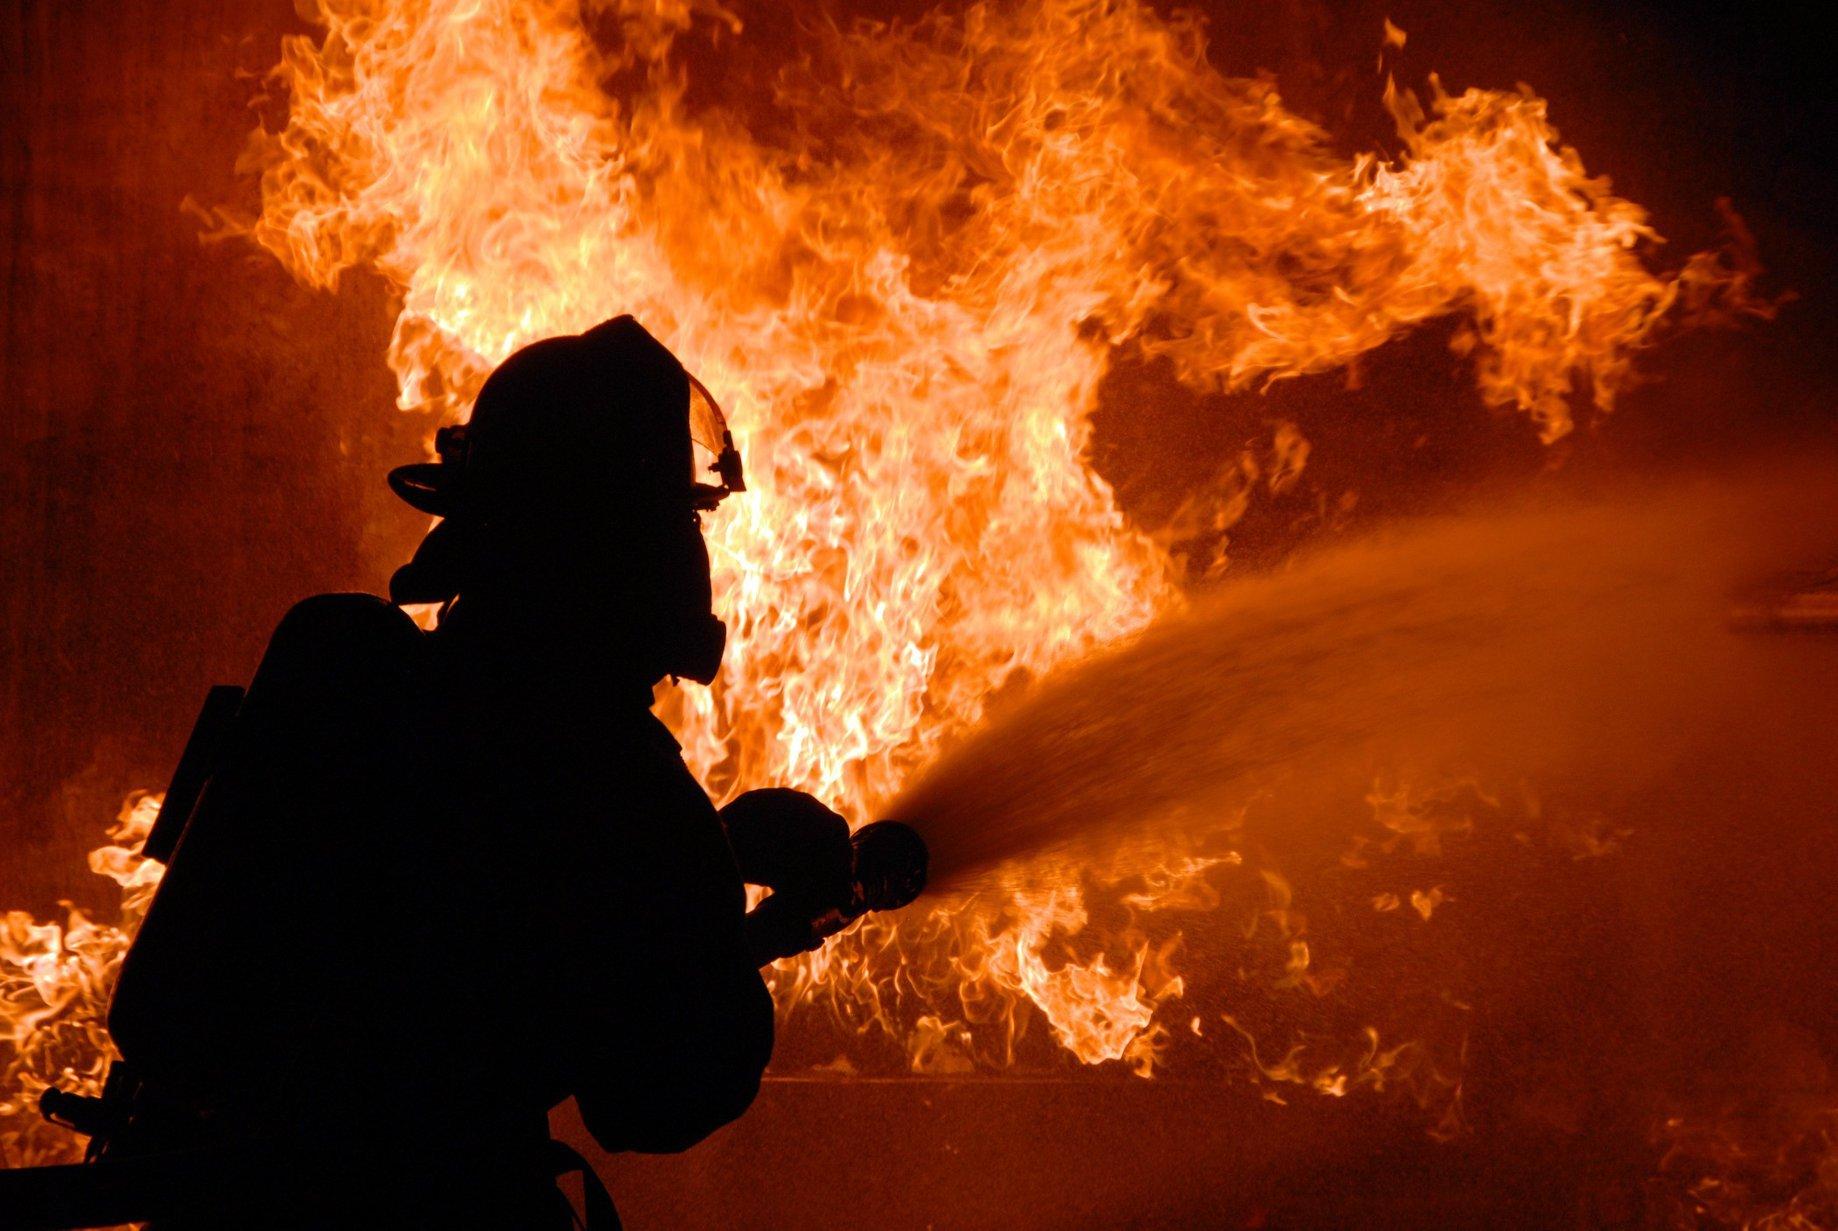 Протягом тижня на Волині виникло 13 пожеж